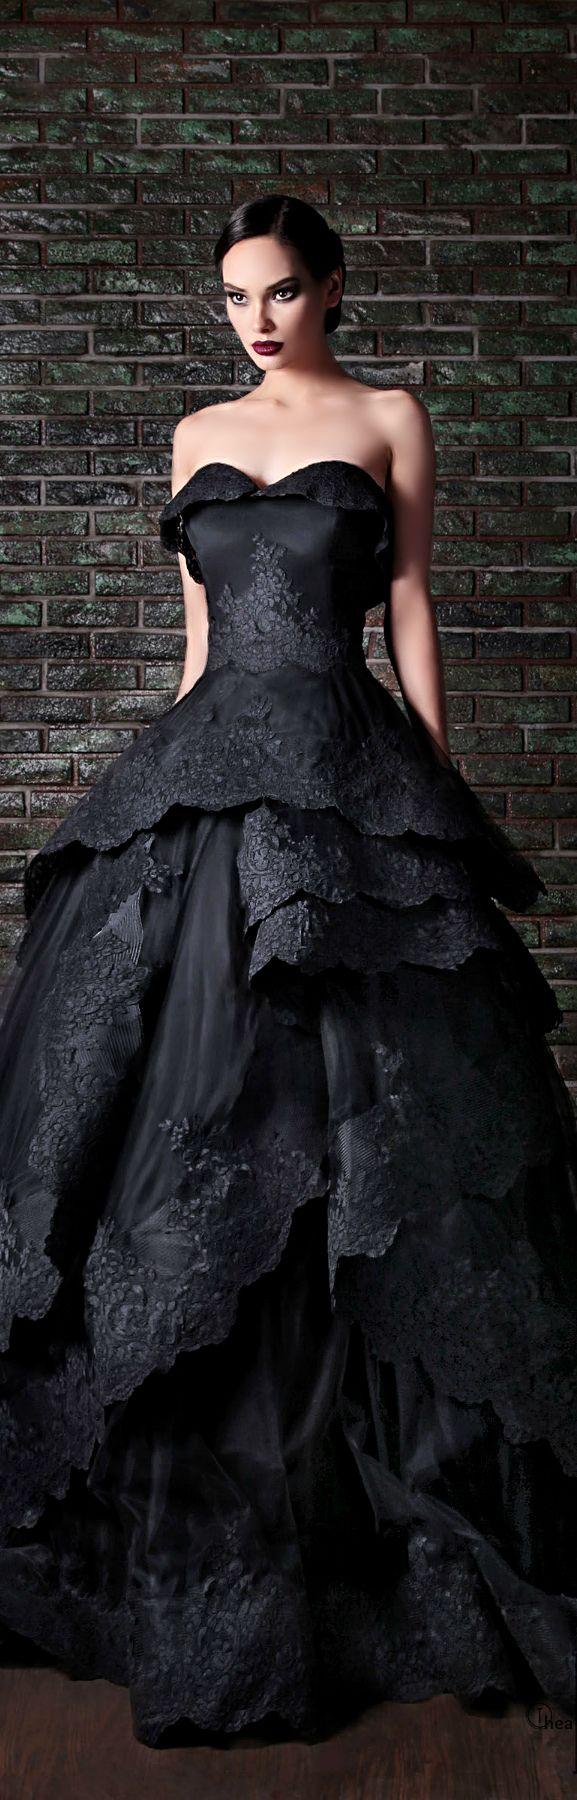 Rami Kadi Couture FW 2013-2014